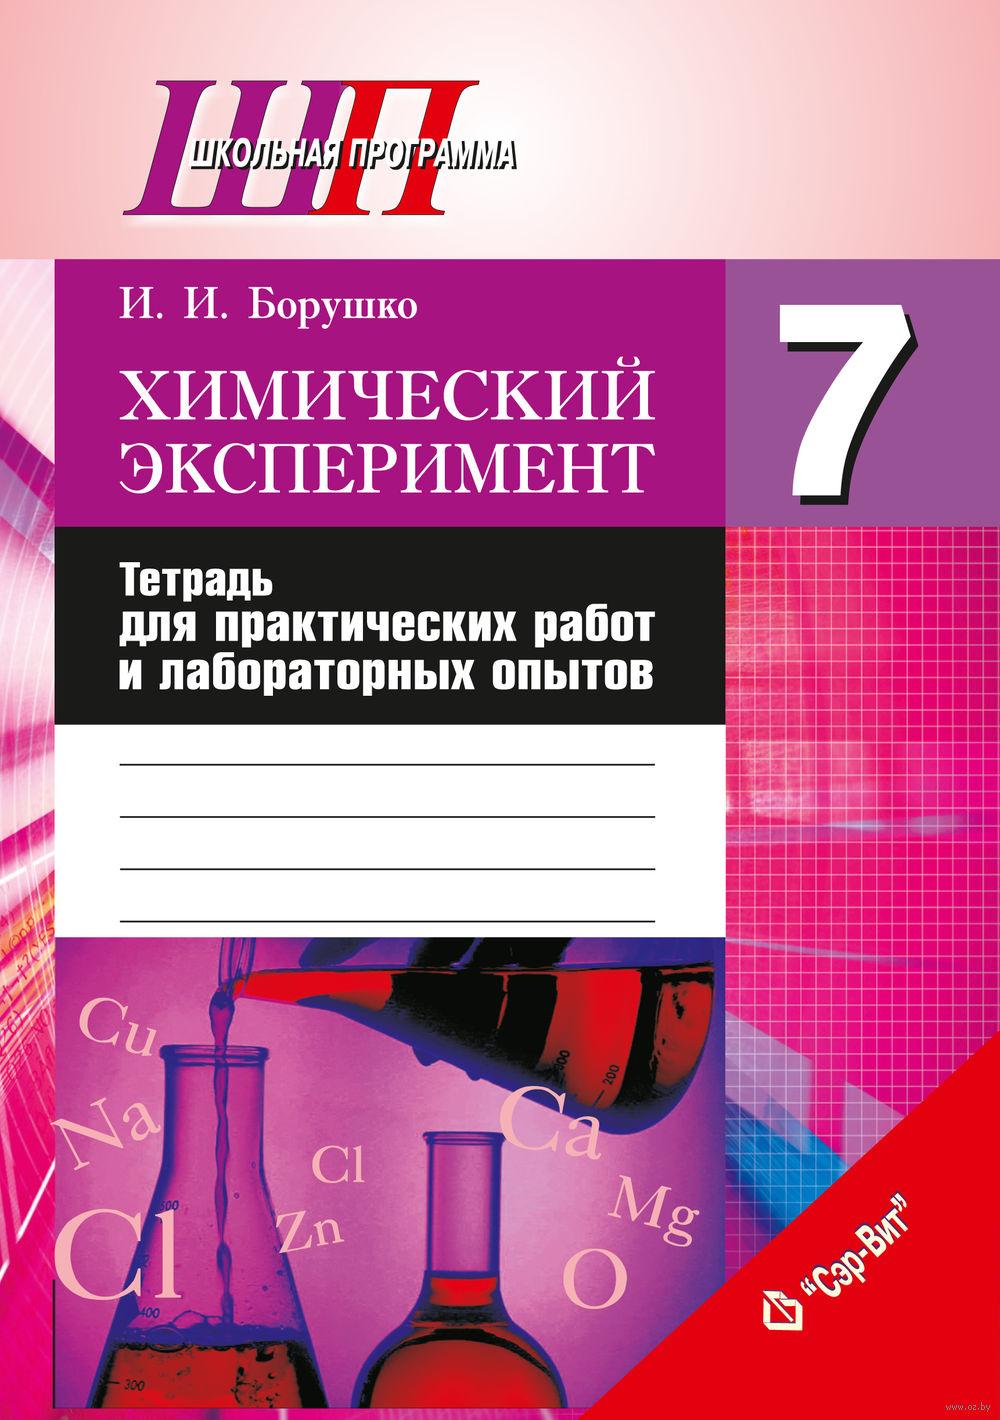 Химический эксперимент 11 класс тетрадь для лабораторных опытов борушко по химии